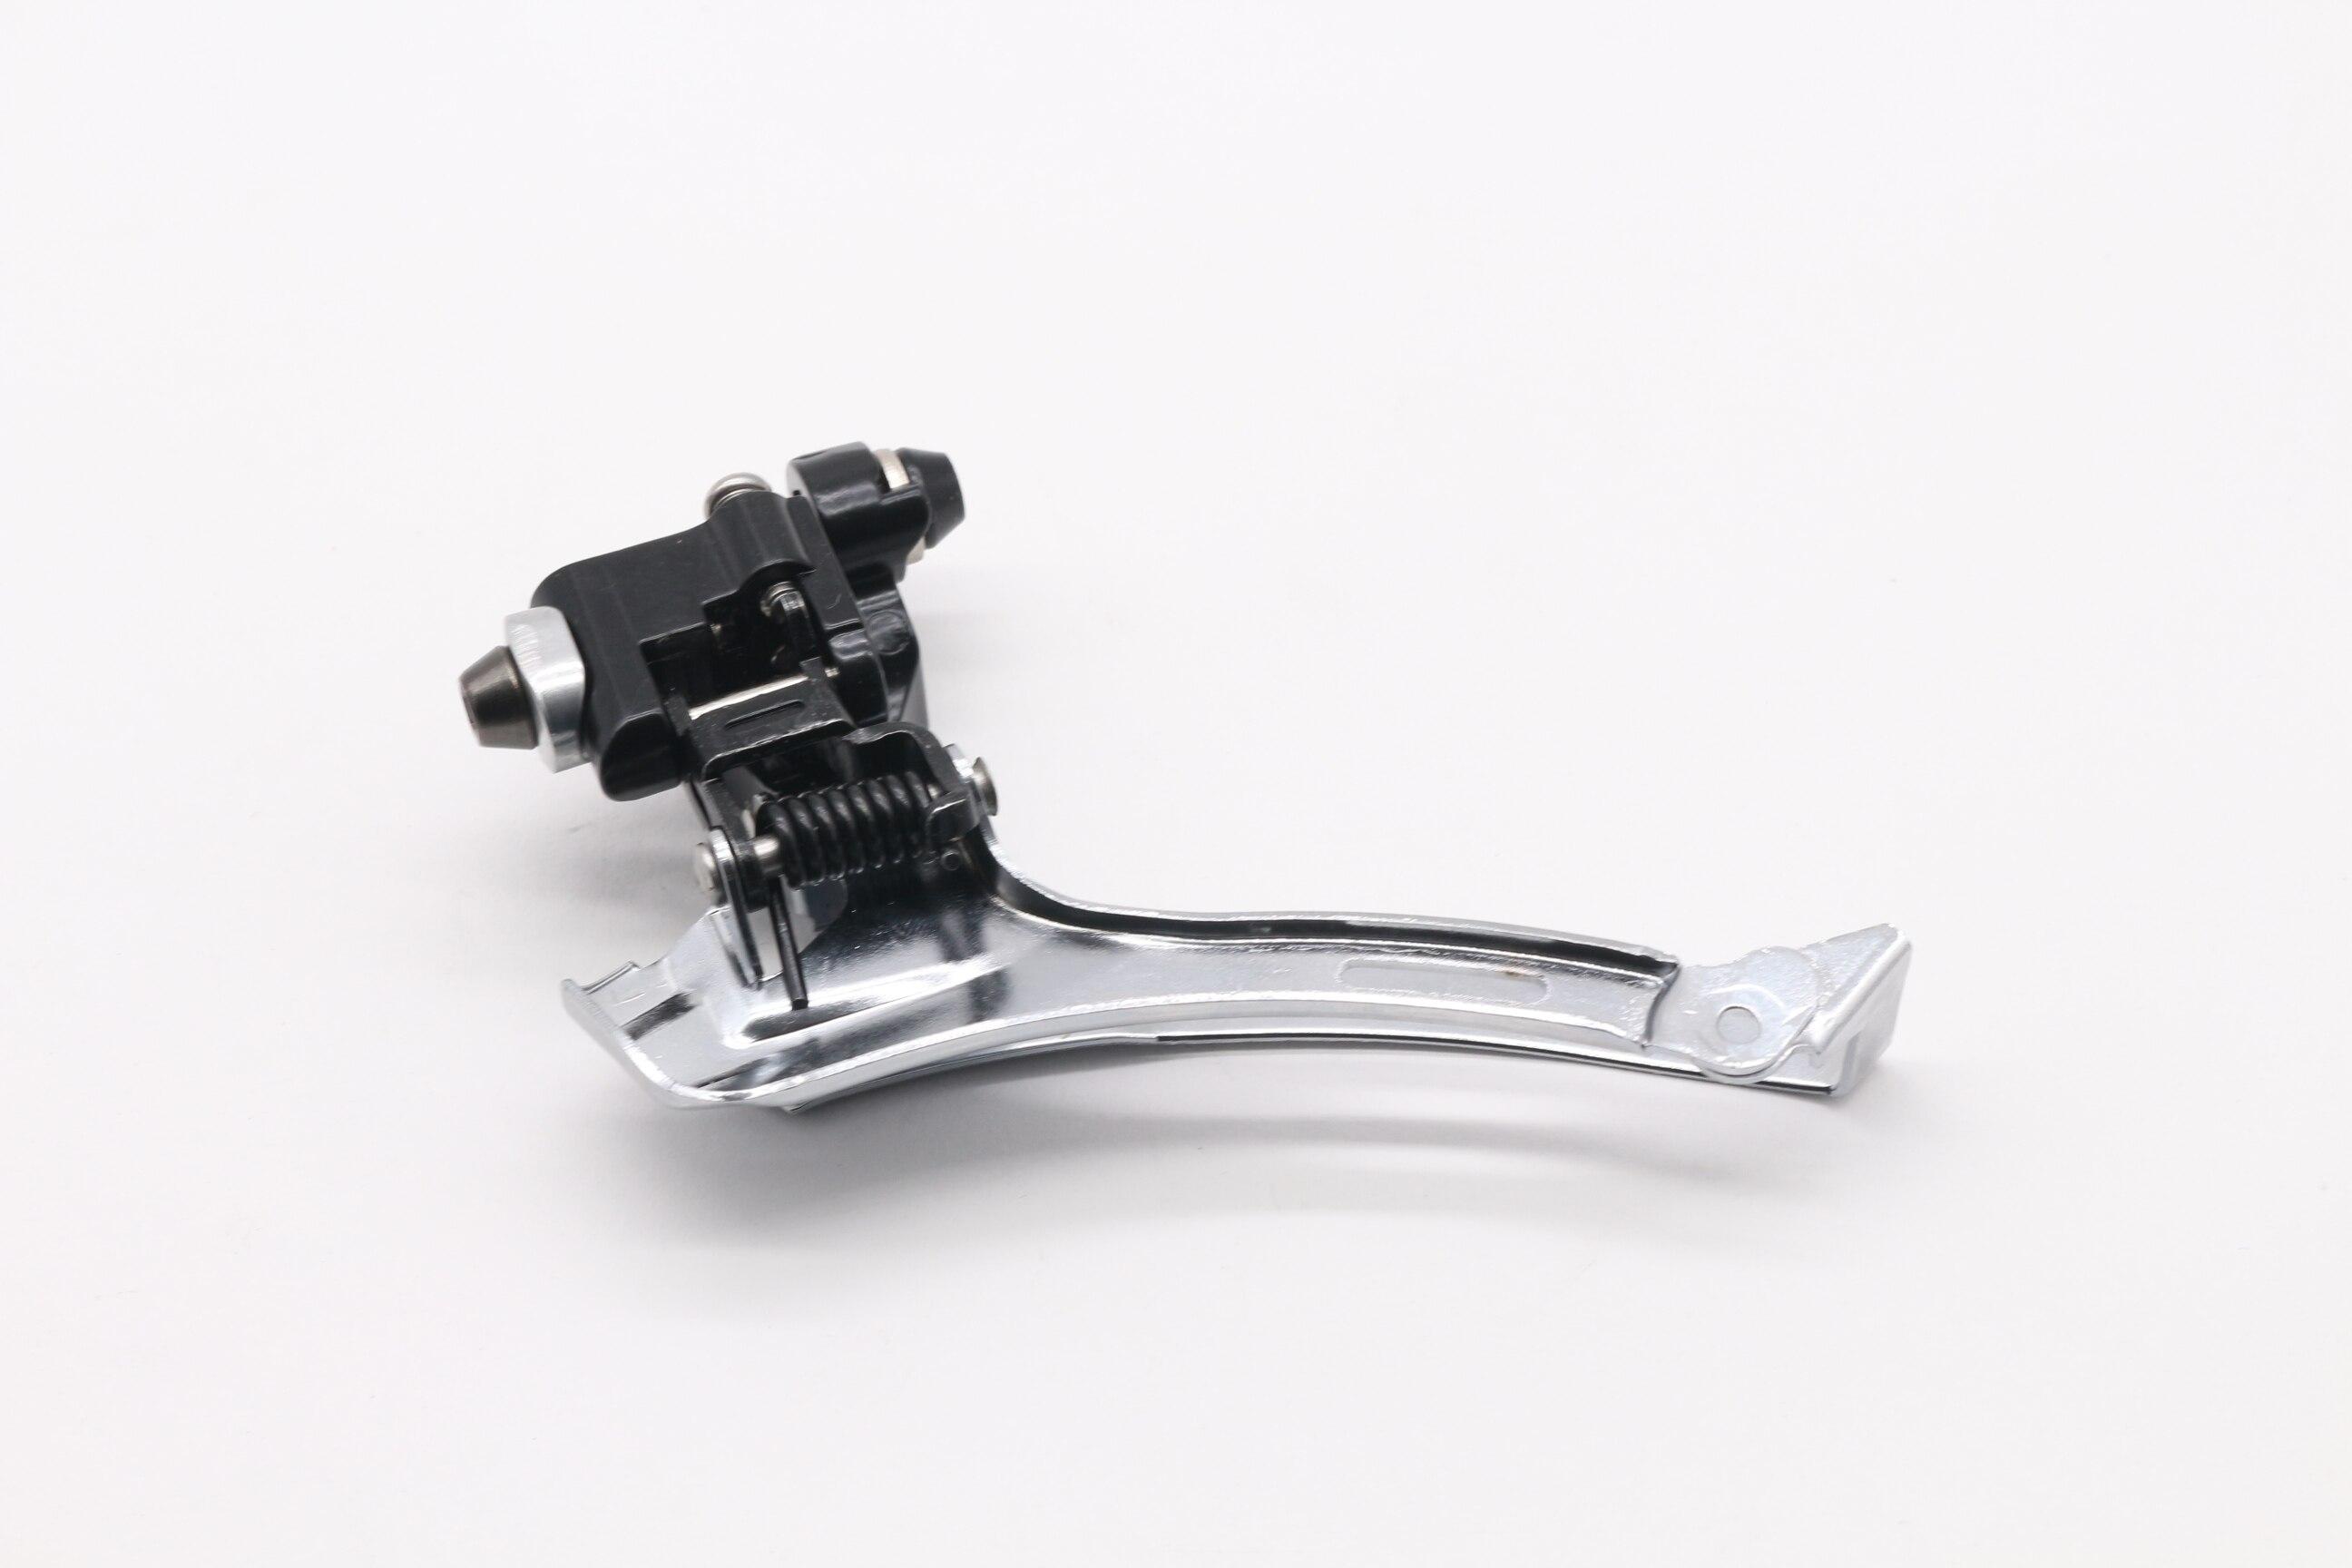 Передний переключатель передач велосипеда 2x7 2x8 2x9 2x10 2x11speed, передний переключатель передач для дорожного велосипеда